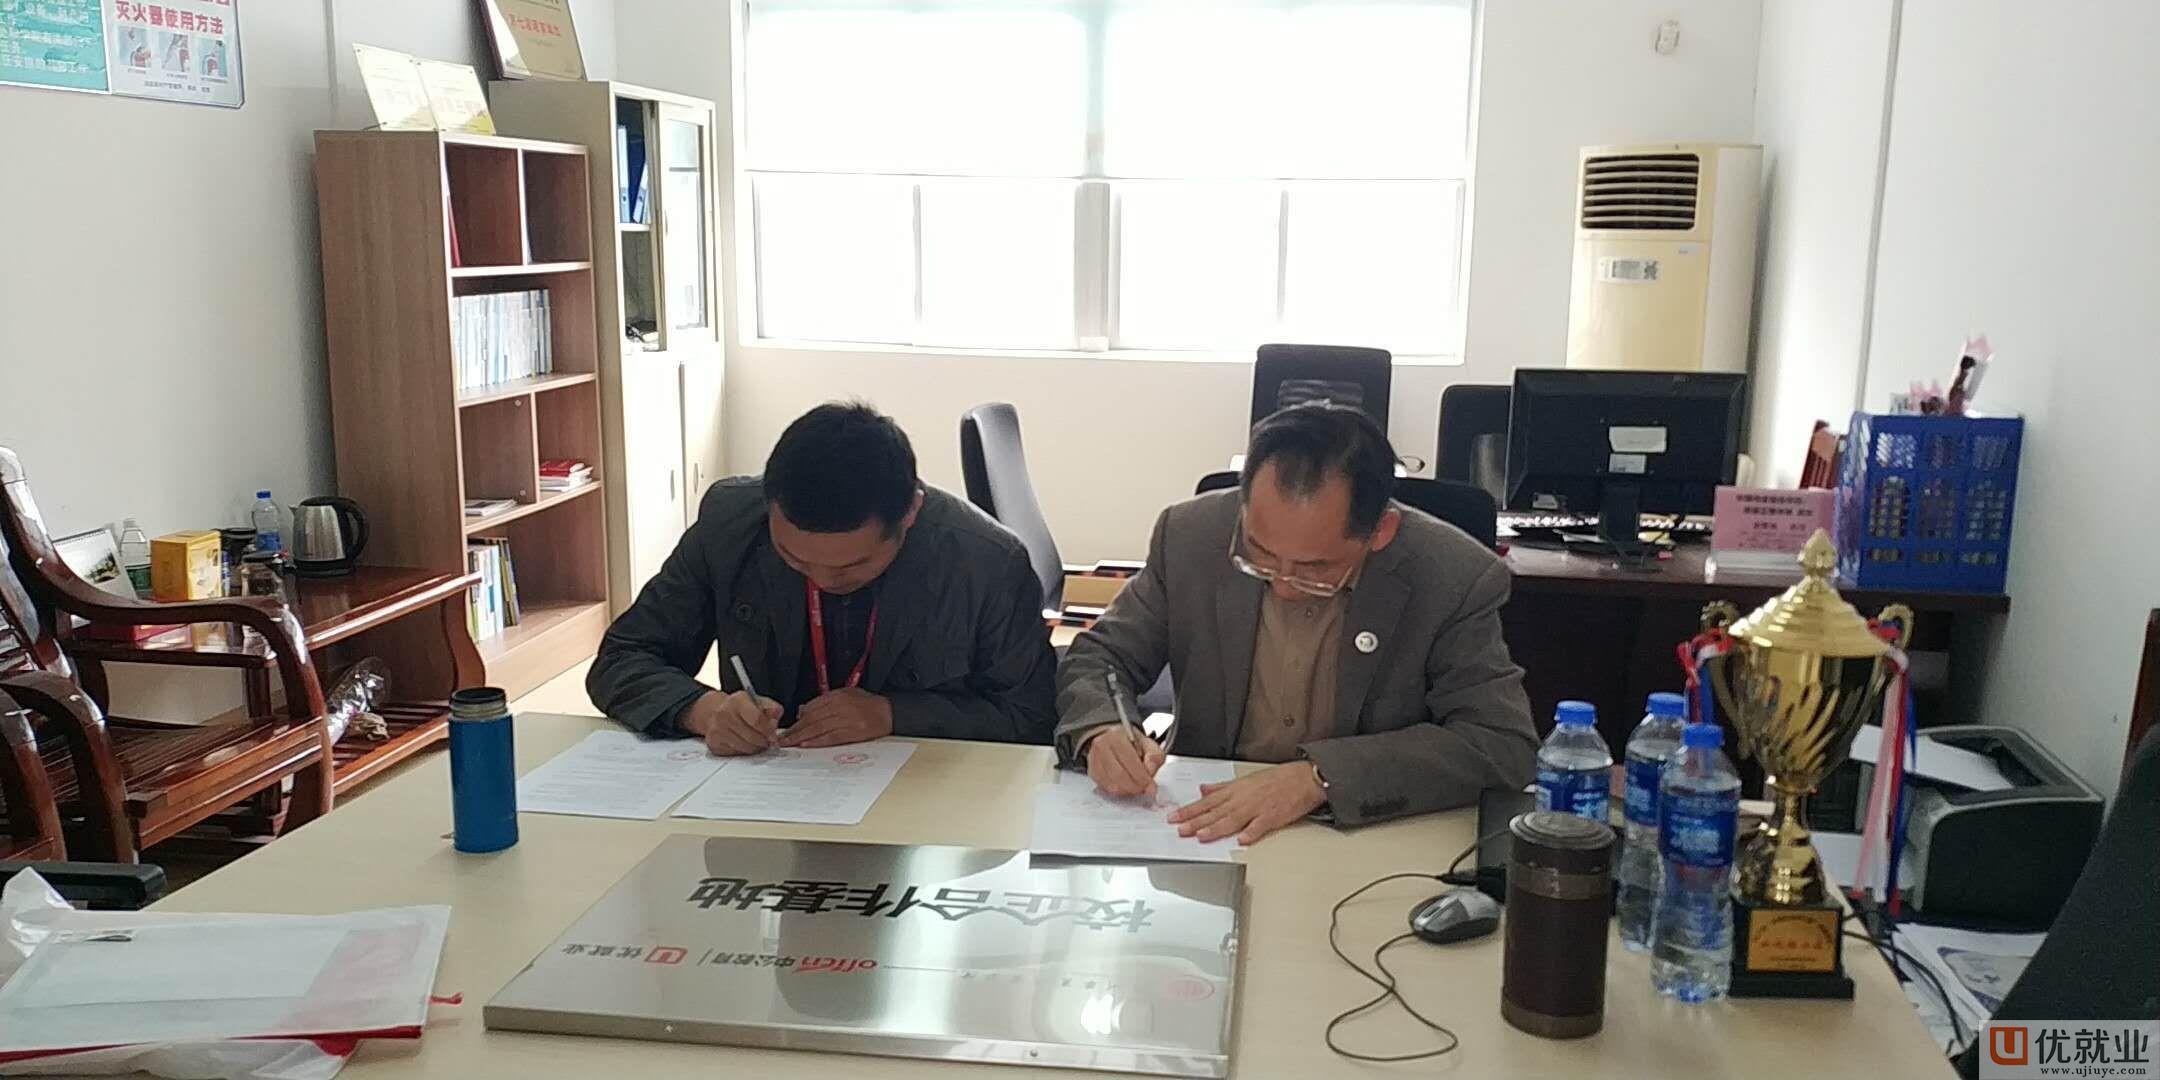 优就业与广州华夏职业学院正式达成校企合作